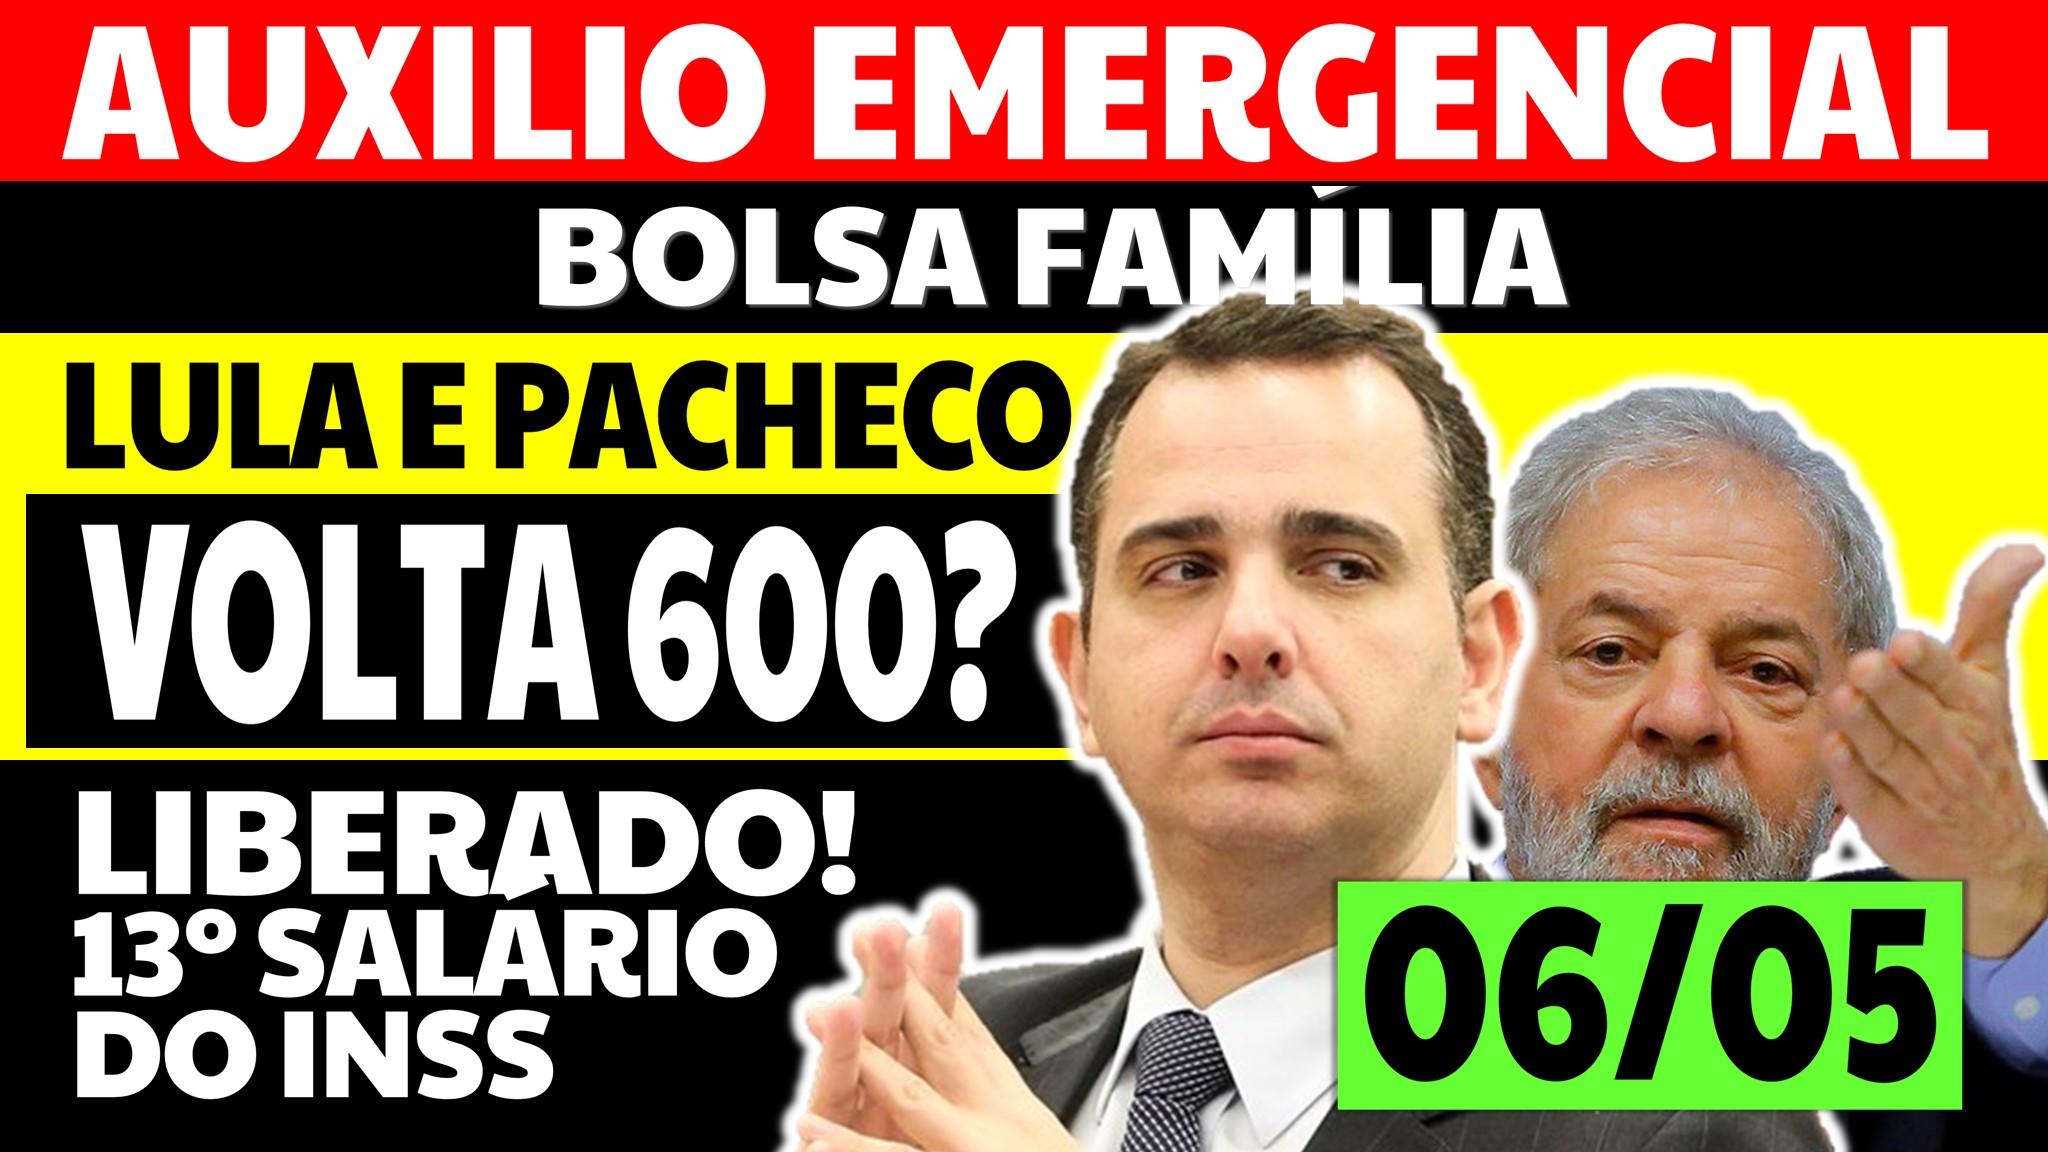 Auxílio Emergencial Hoje: Lula e Pacheco se encontram e vão falar da volta dos R$ 600